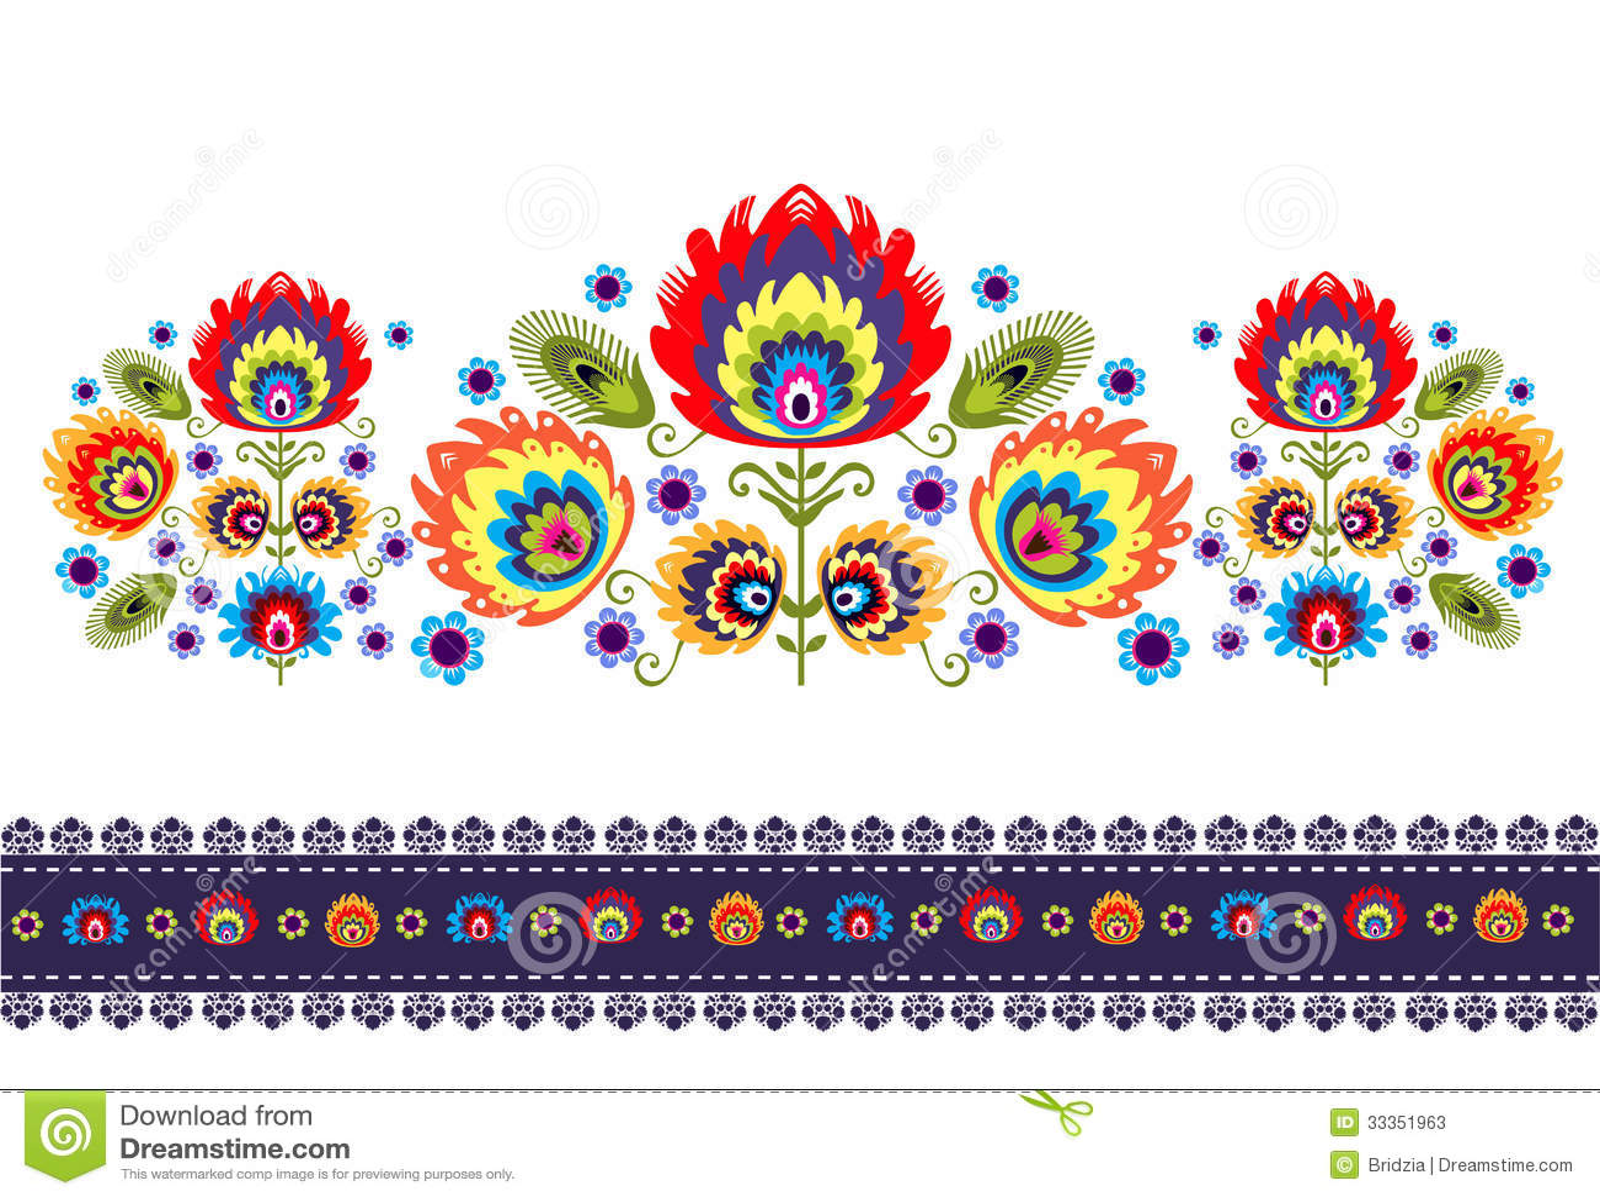 Volksmuster mit Blumen